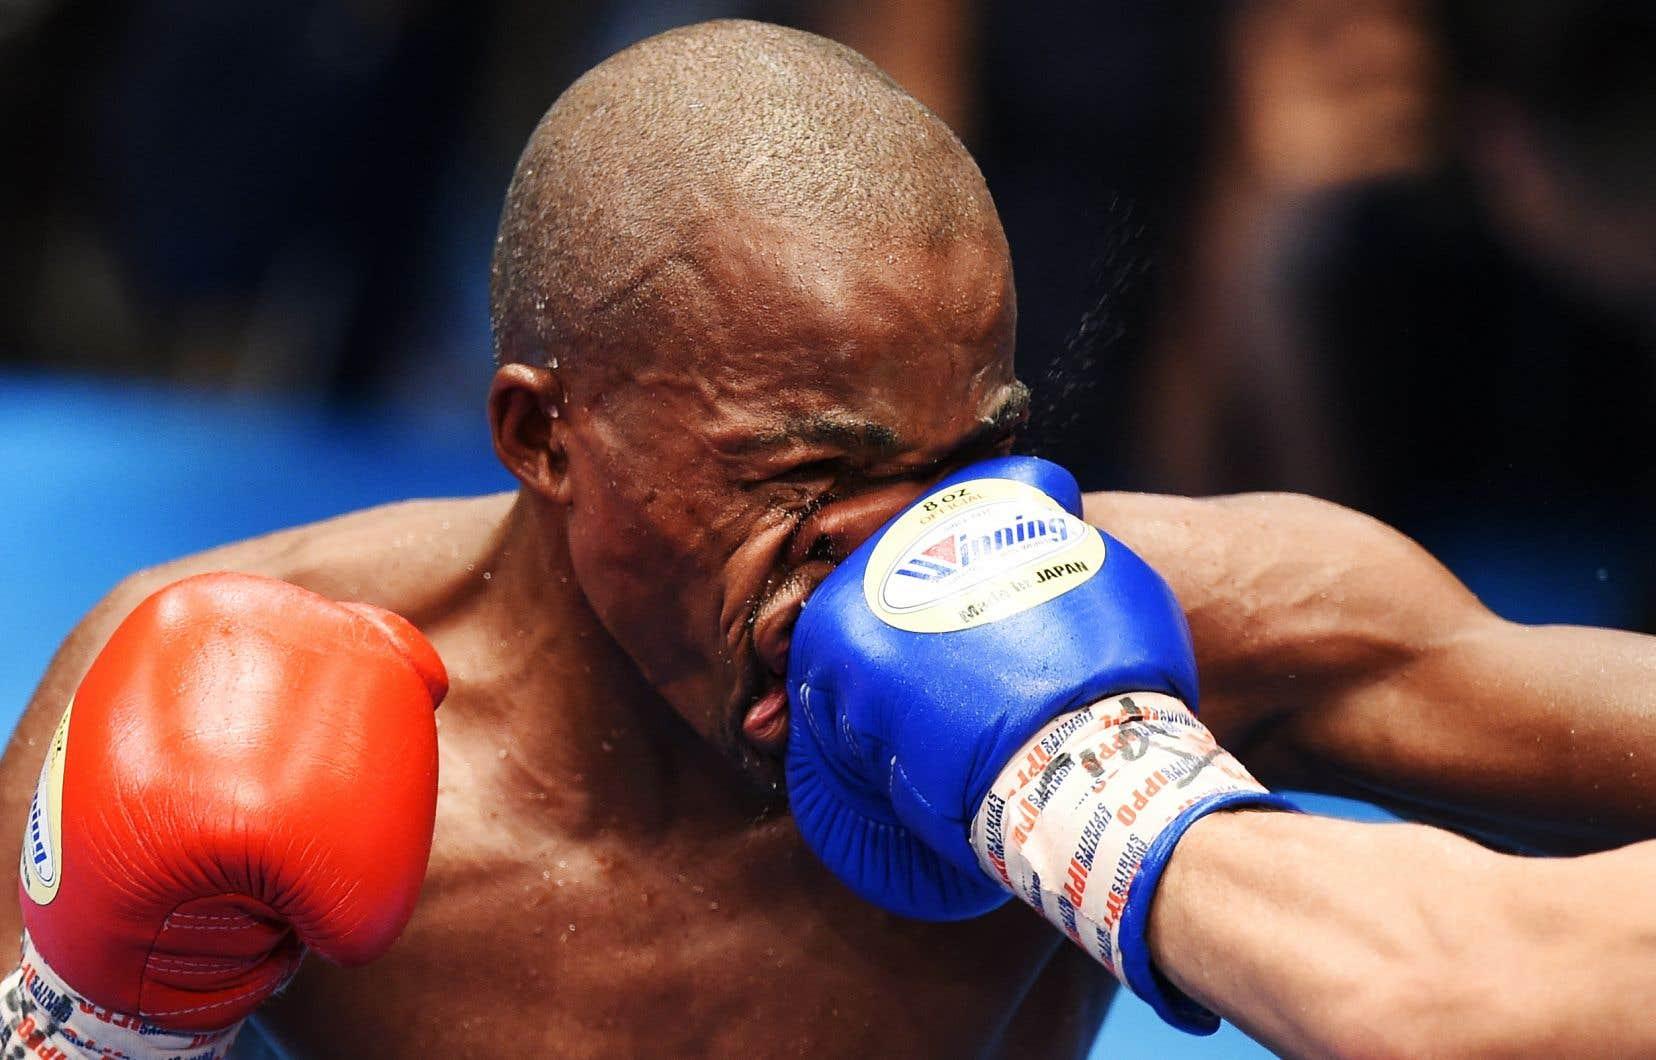 Le Sud-Africain Moruti Mthalane recevait un  coup du Japonais Masayuki Kuroda lors d'un match de boxe  à Tokyo en 2019.